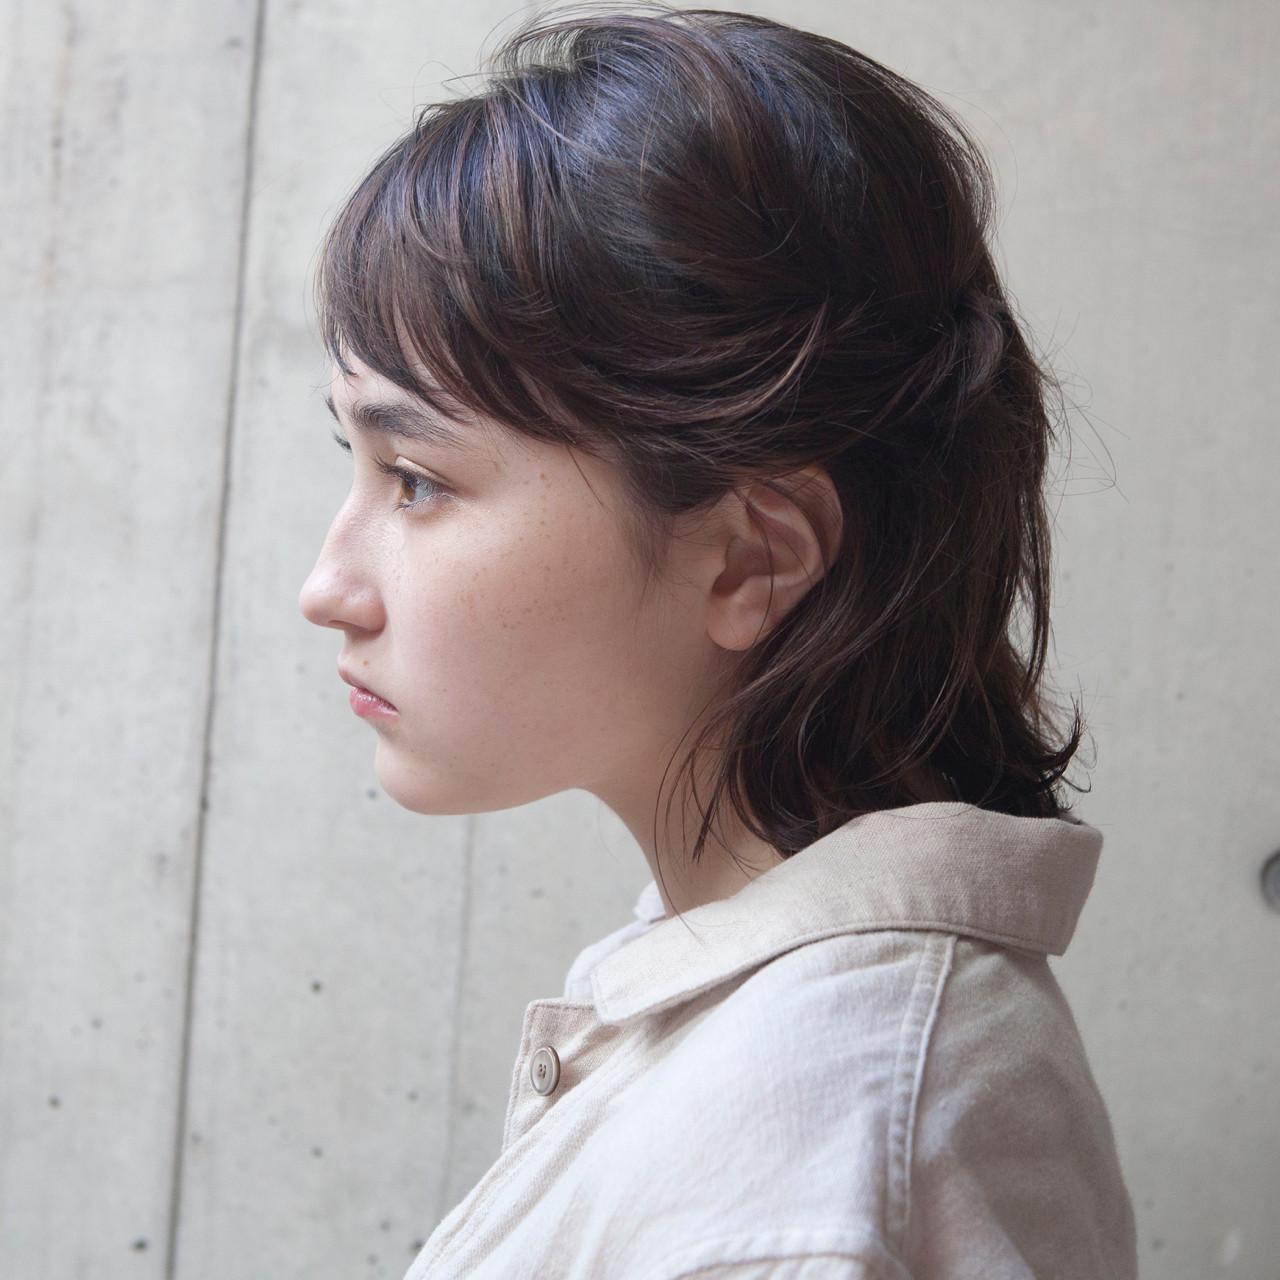 抜け感 ハイライト 外国人風 ナチュラル ヘアスタイルや髪型の写真・画像 | タカハシ アヤミ / trail by ROVER